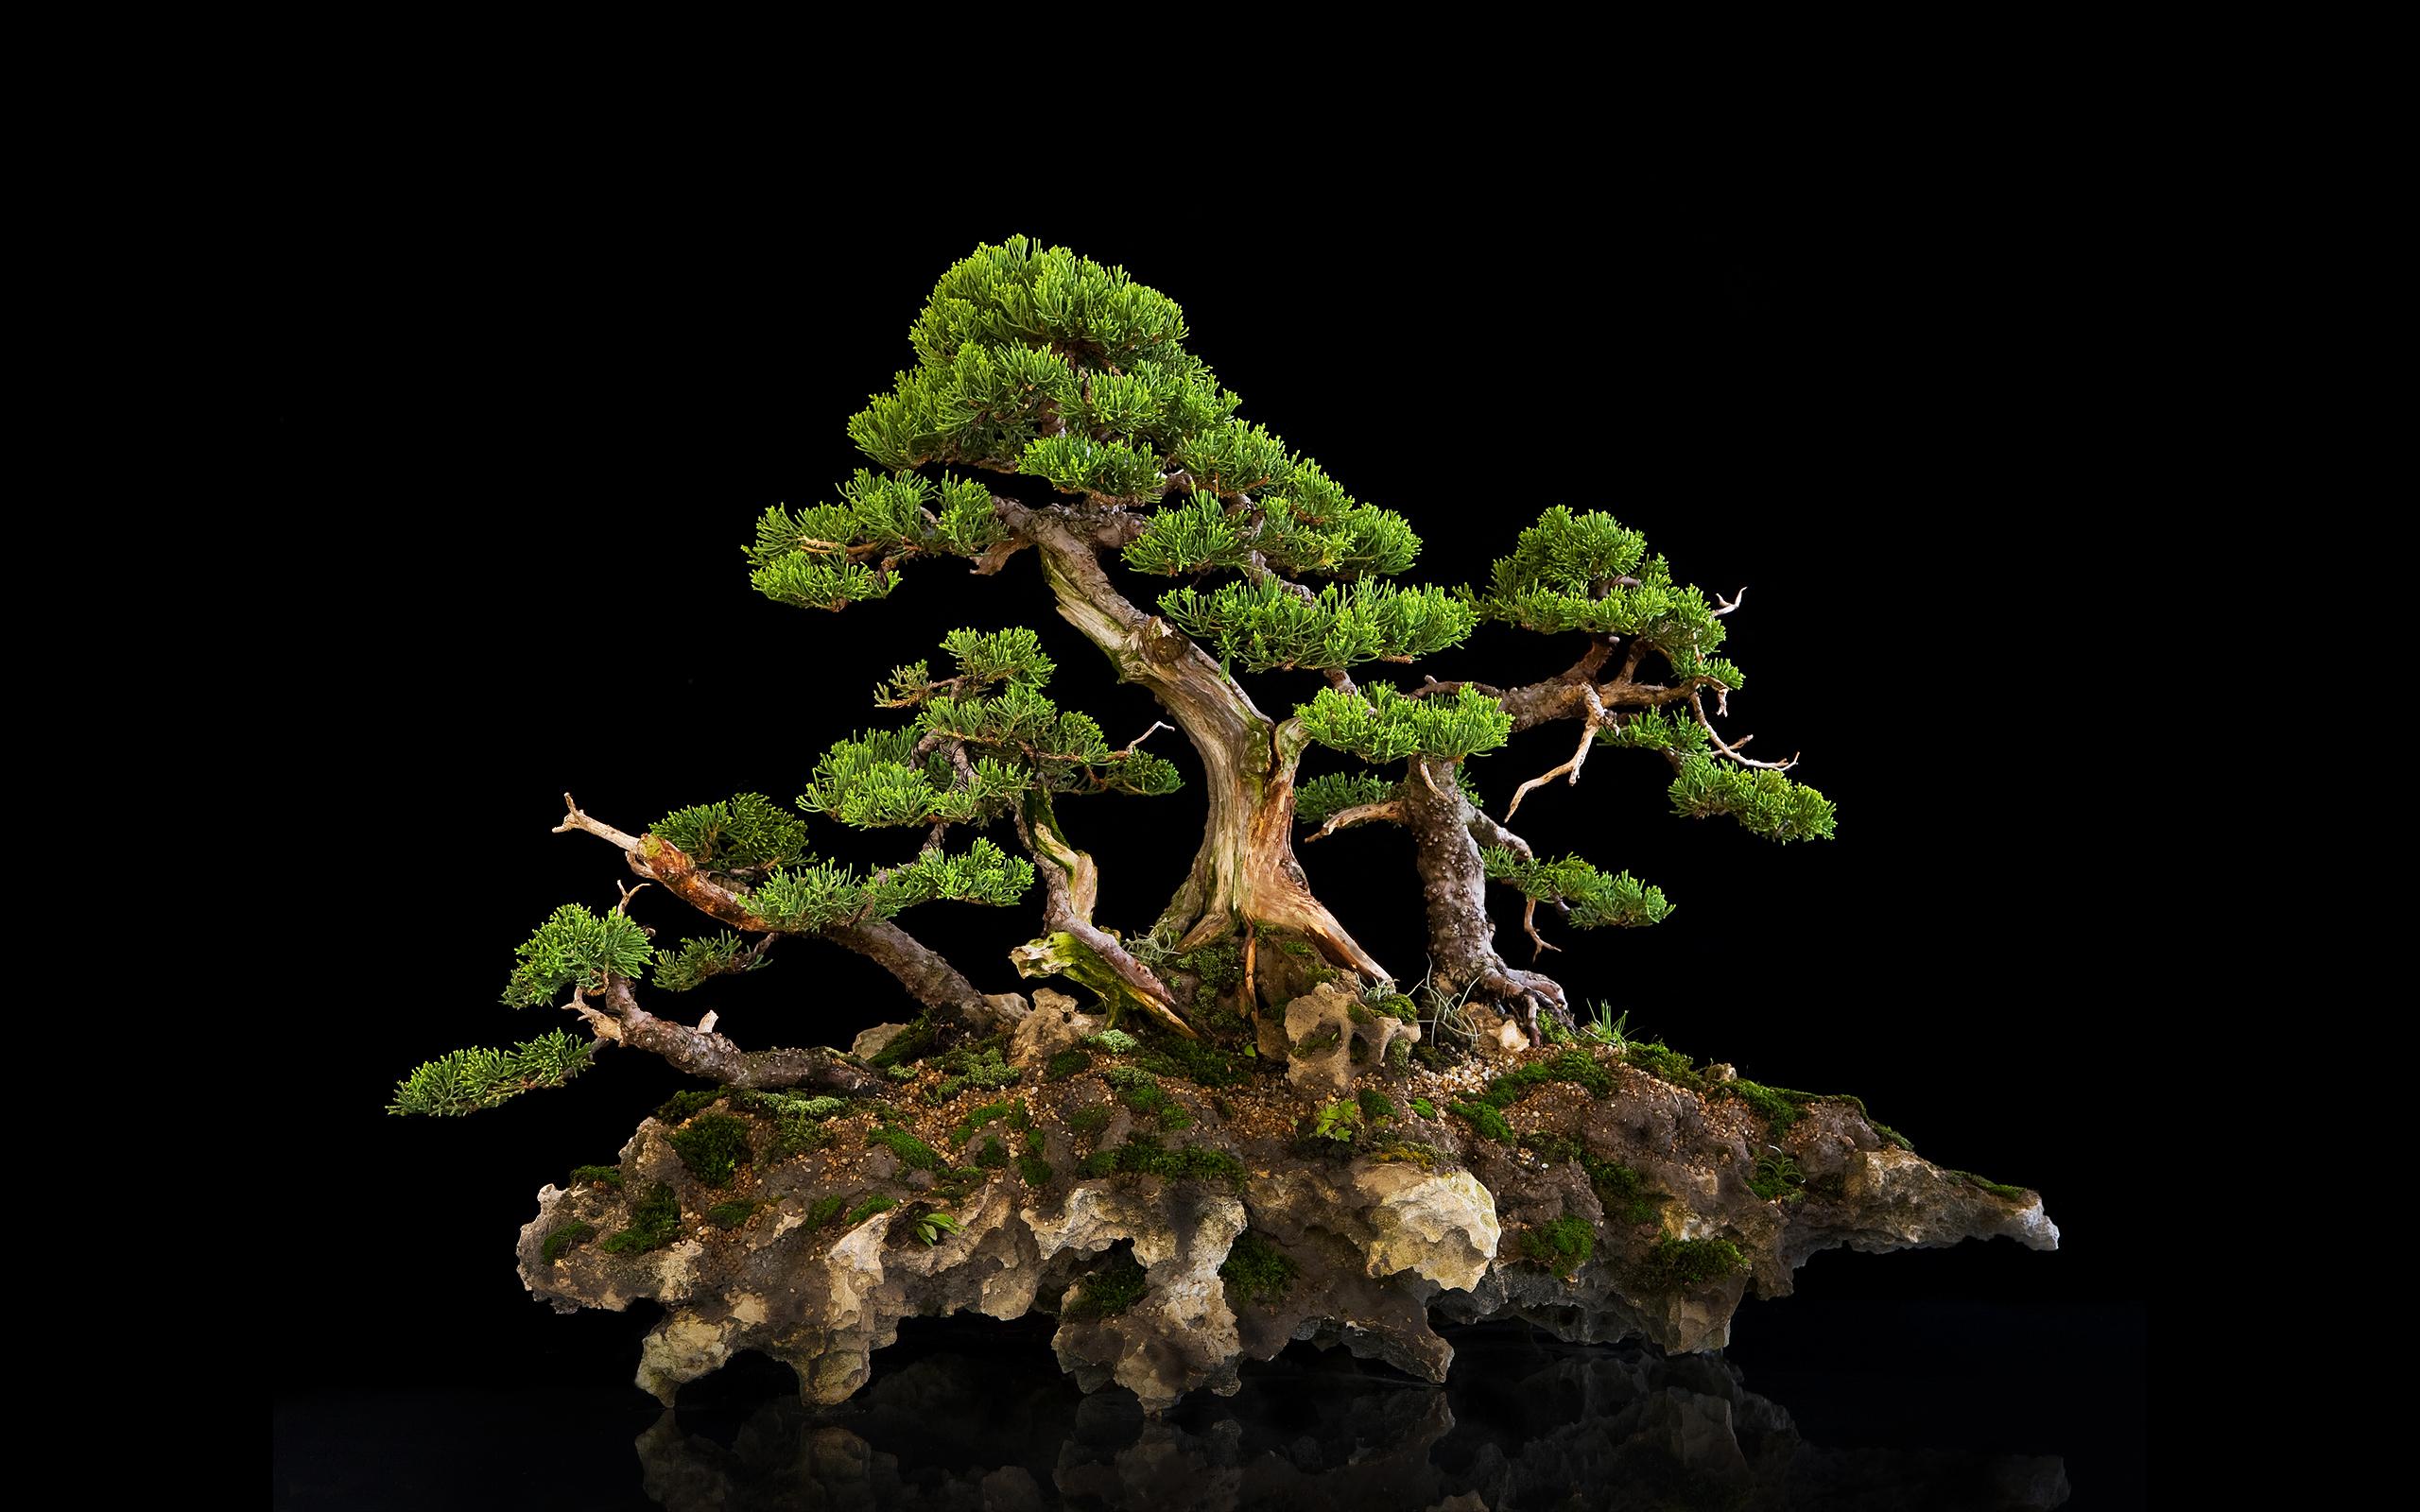 bonsai wallpaper 03 ndash - photo #20